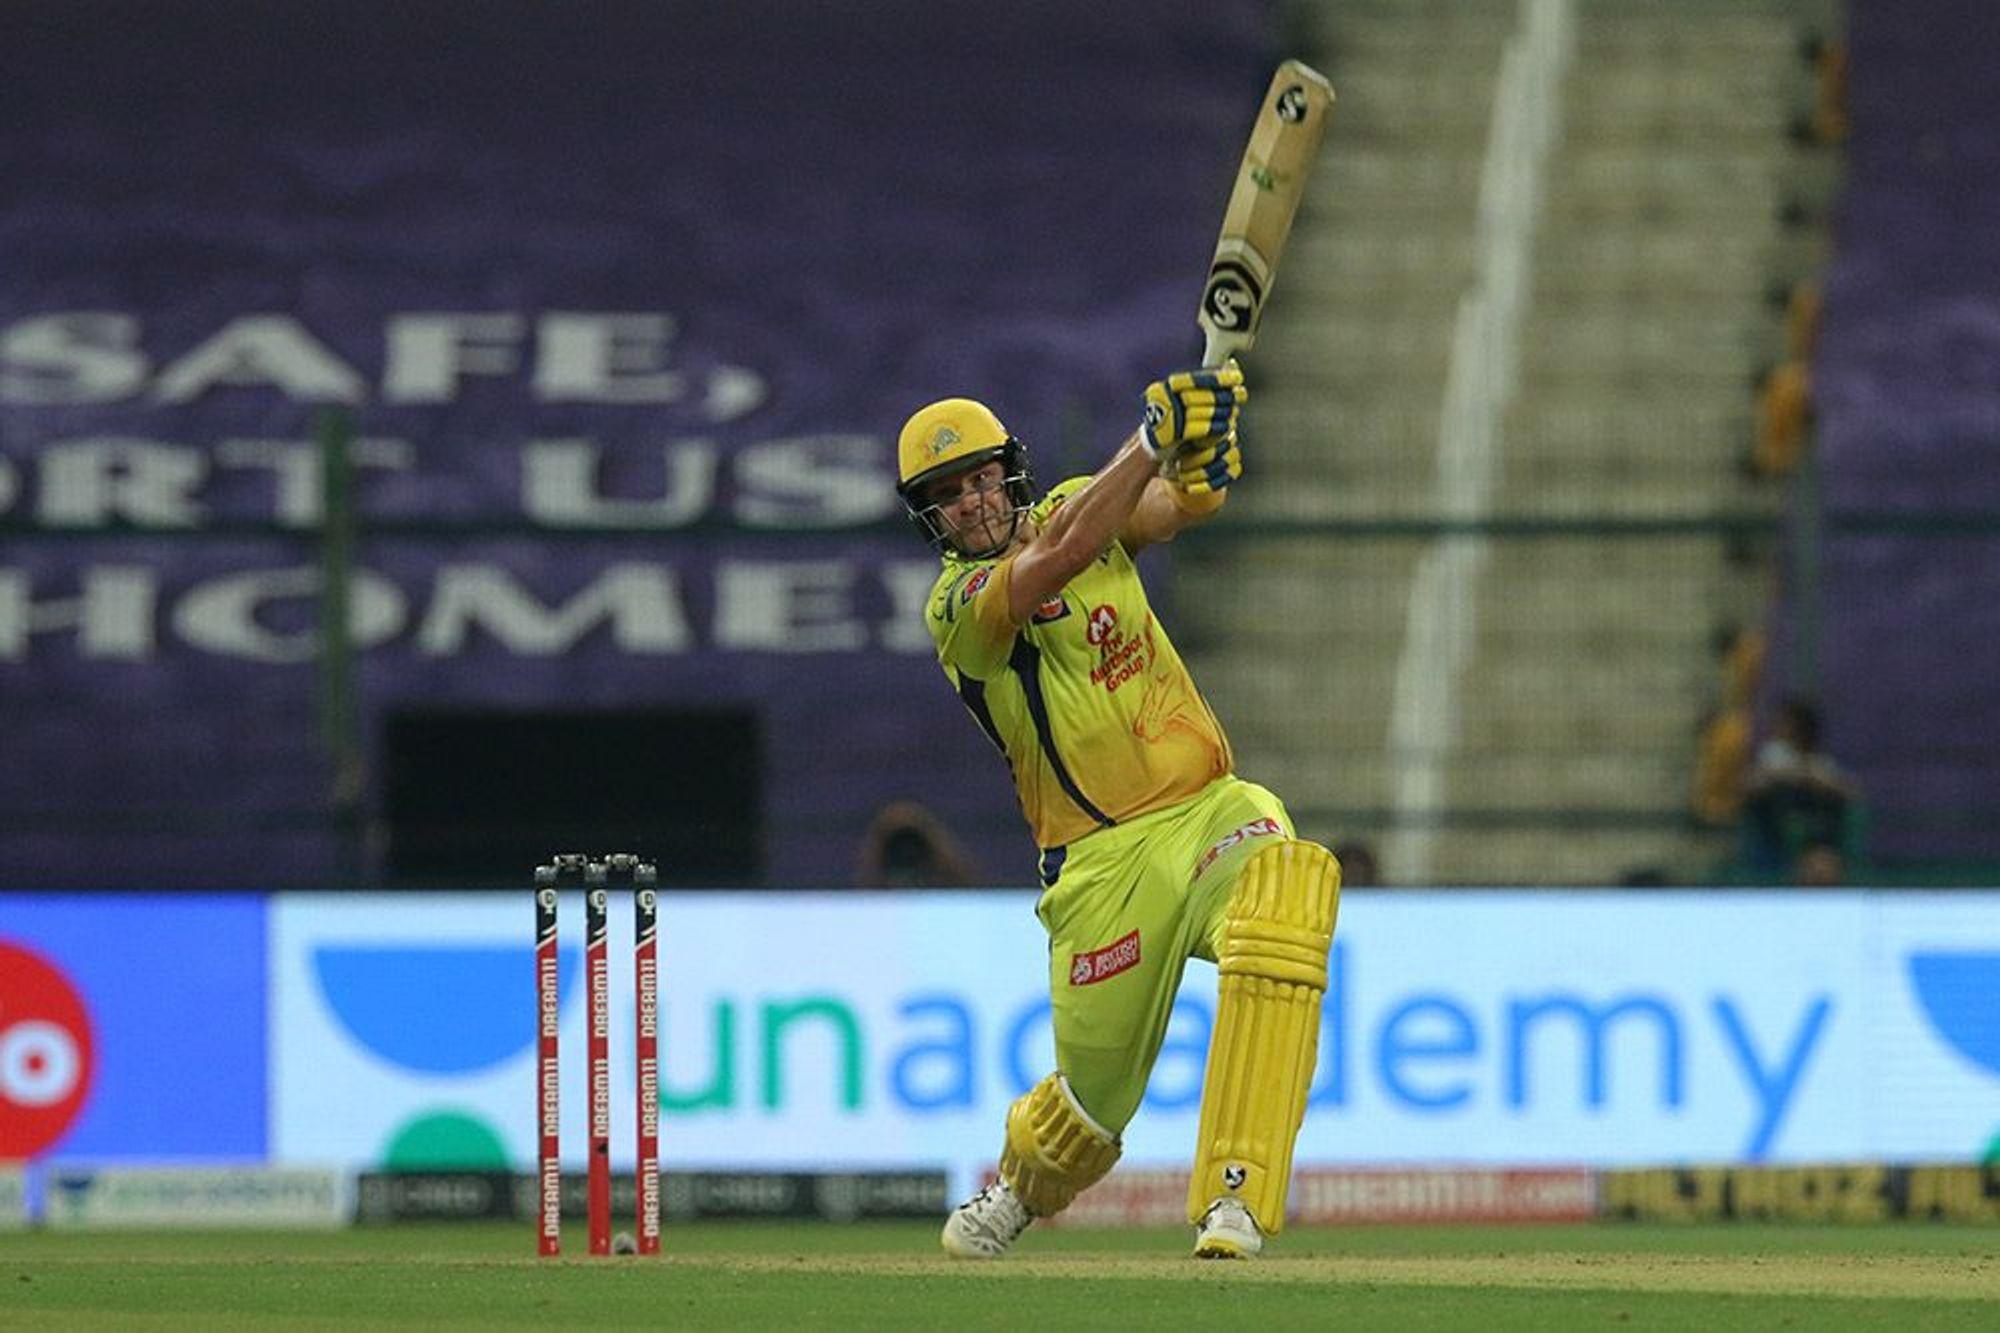 तीन टीमों से खेल चुके ऑस्ट्रेलियाई ऑलराउंडर, दो खिताब विजेता टीम का हिस्सा भी रहे IPL 2021,IPL 2021 - Dainik Bhaskar